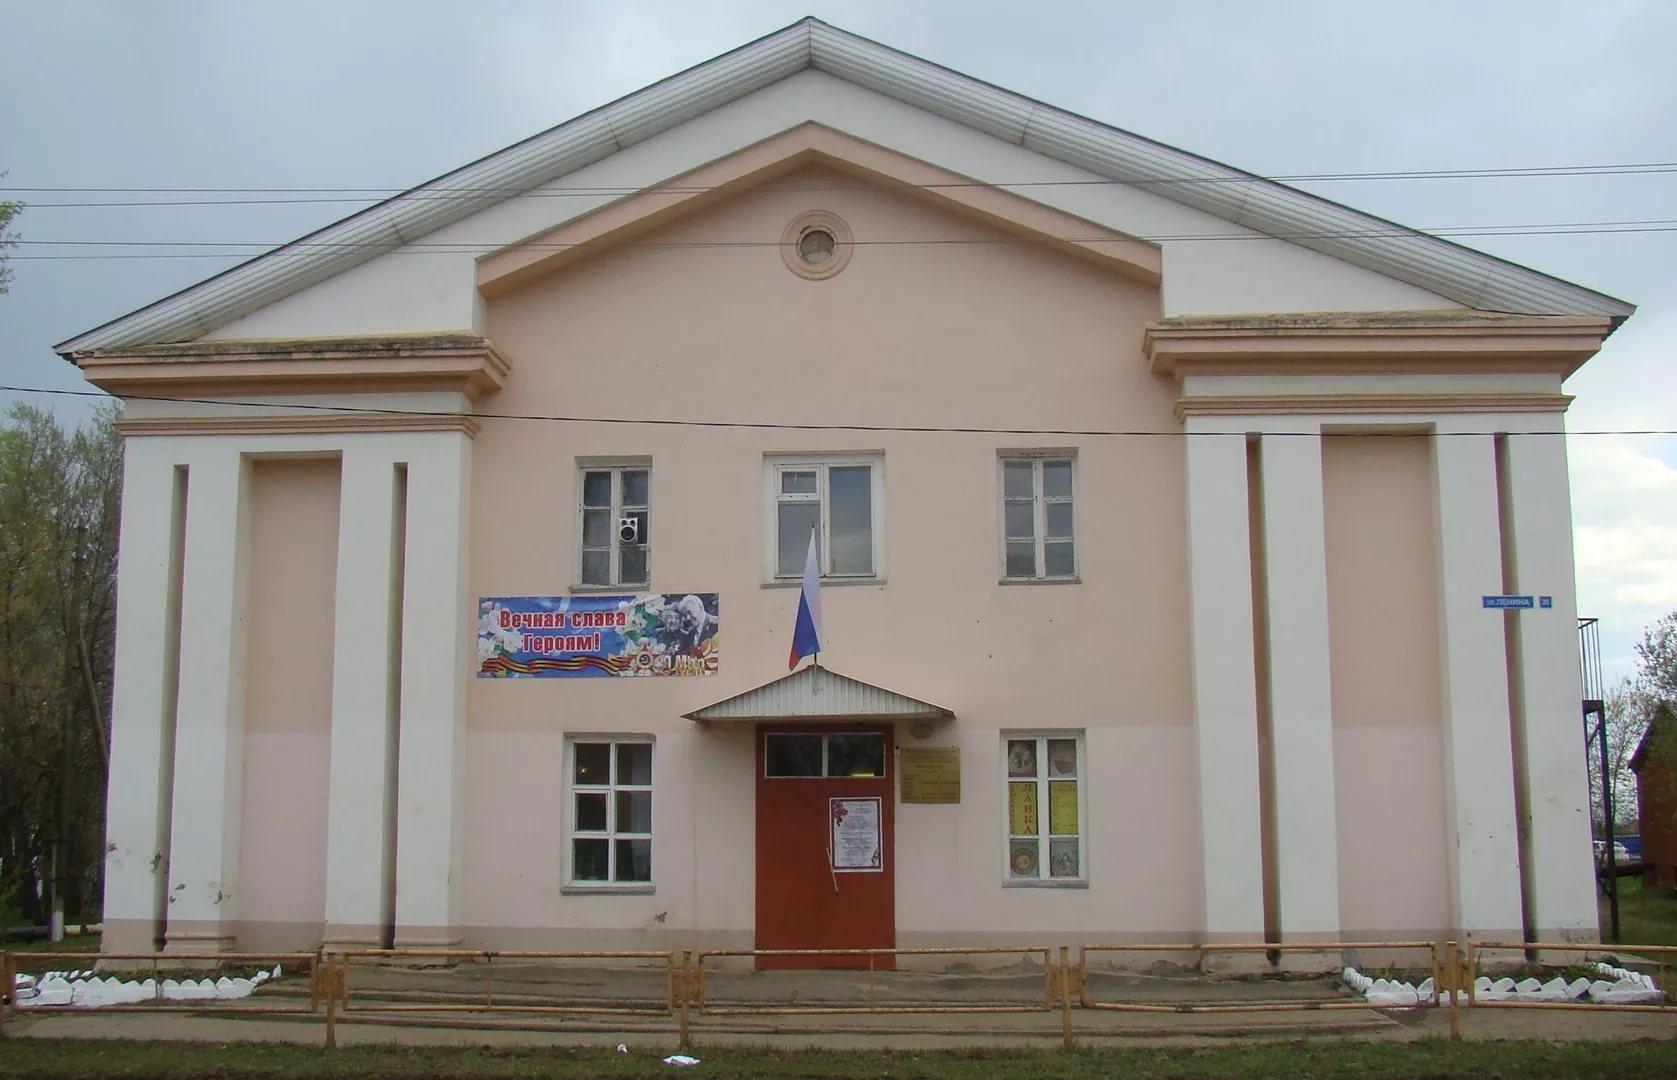 Верещагинский районный музейно-культурный центр, Верещагино